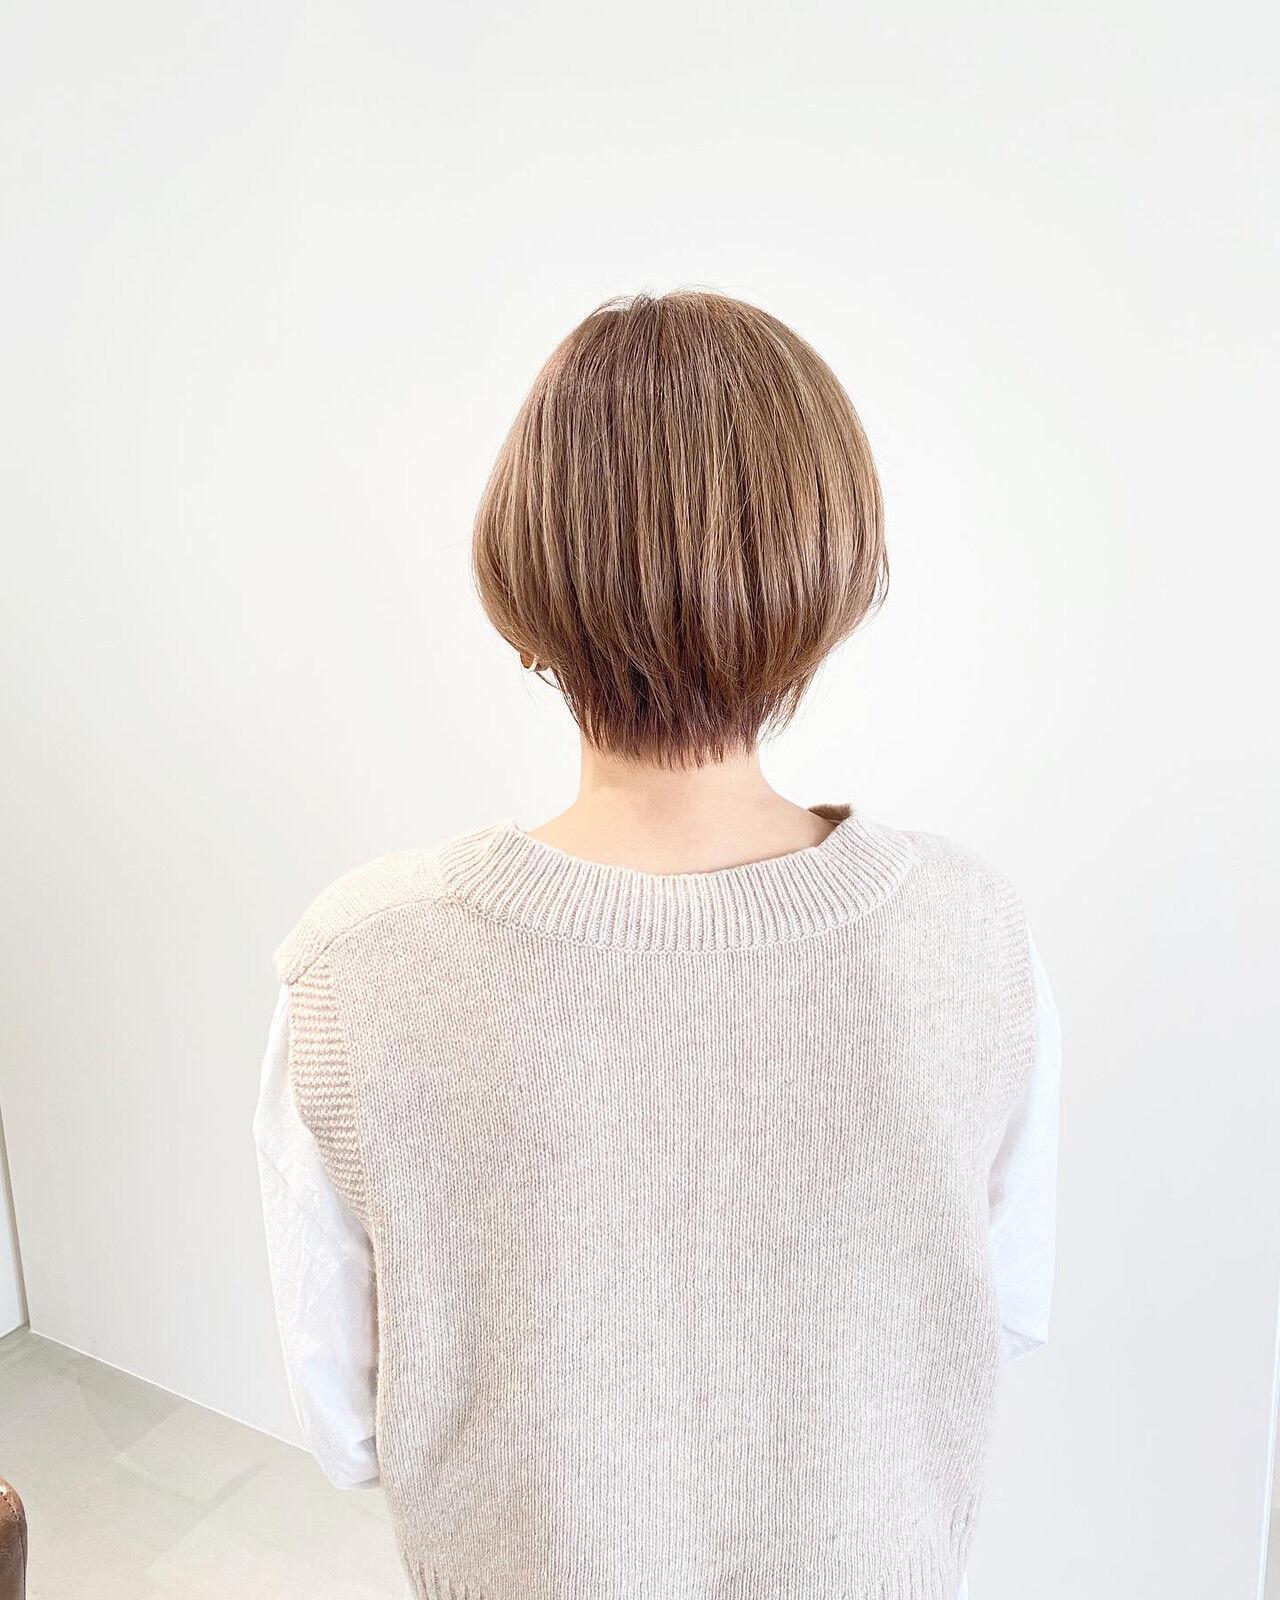 ショートヘア ショートボブ ショート ミニボブヘアスタイルや髪型の写真・画像